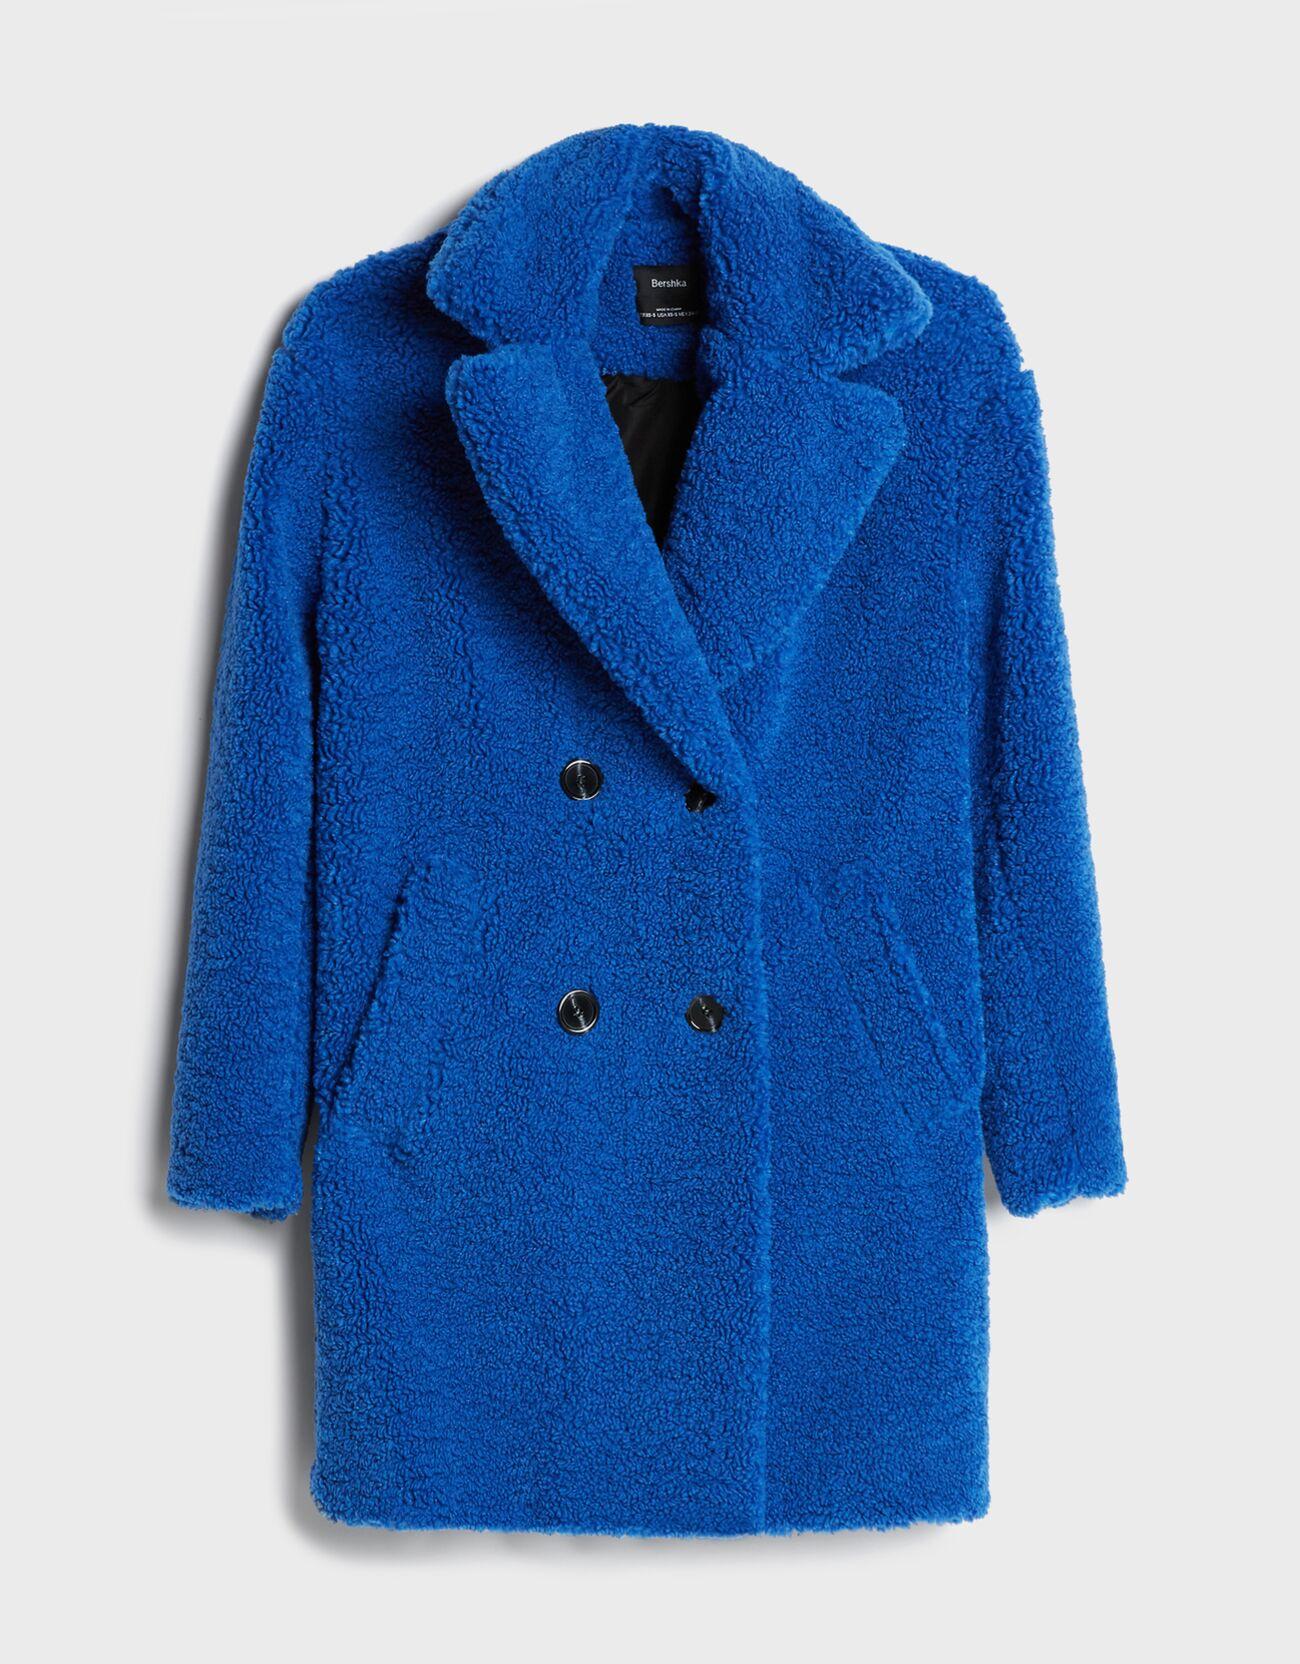 De color azul eléctrico.